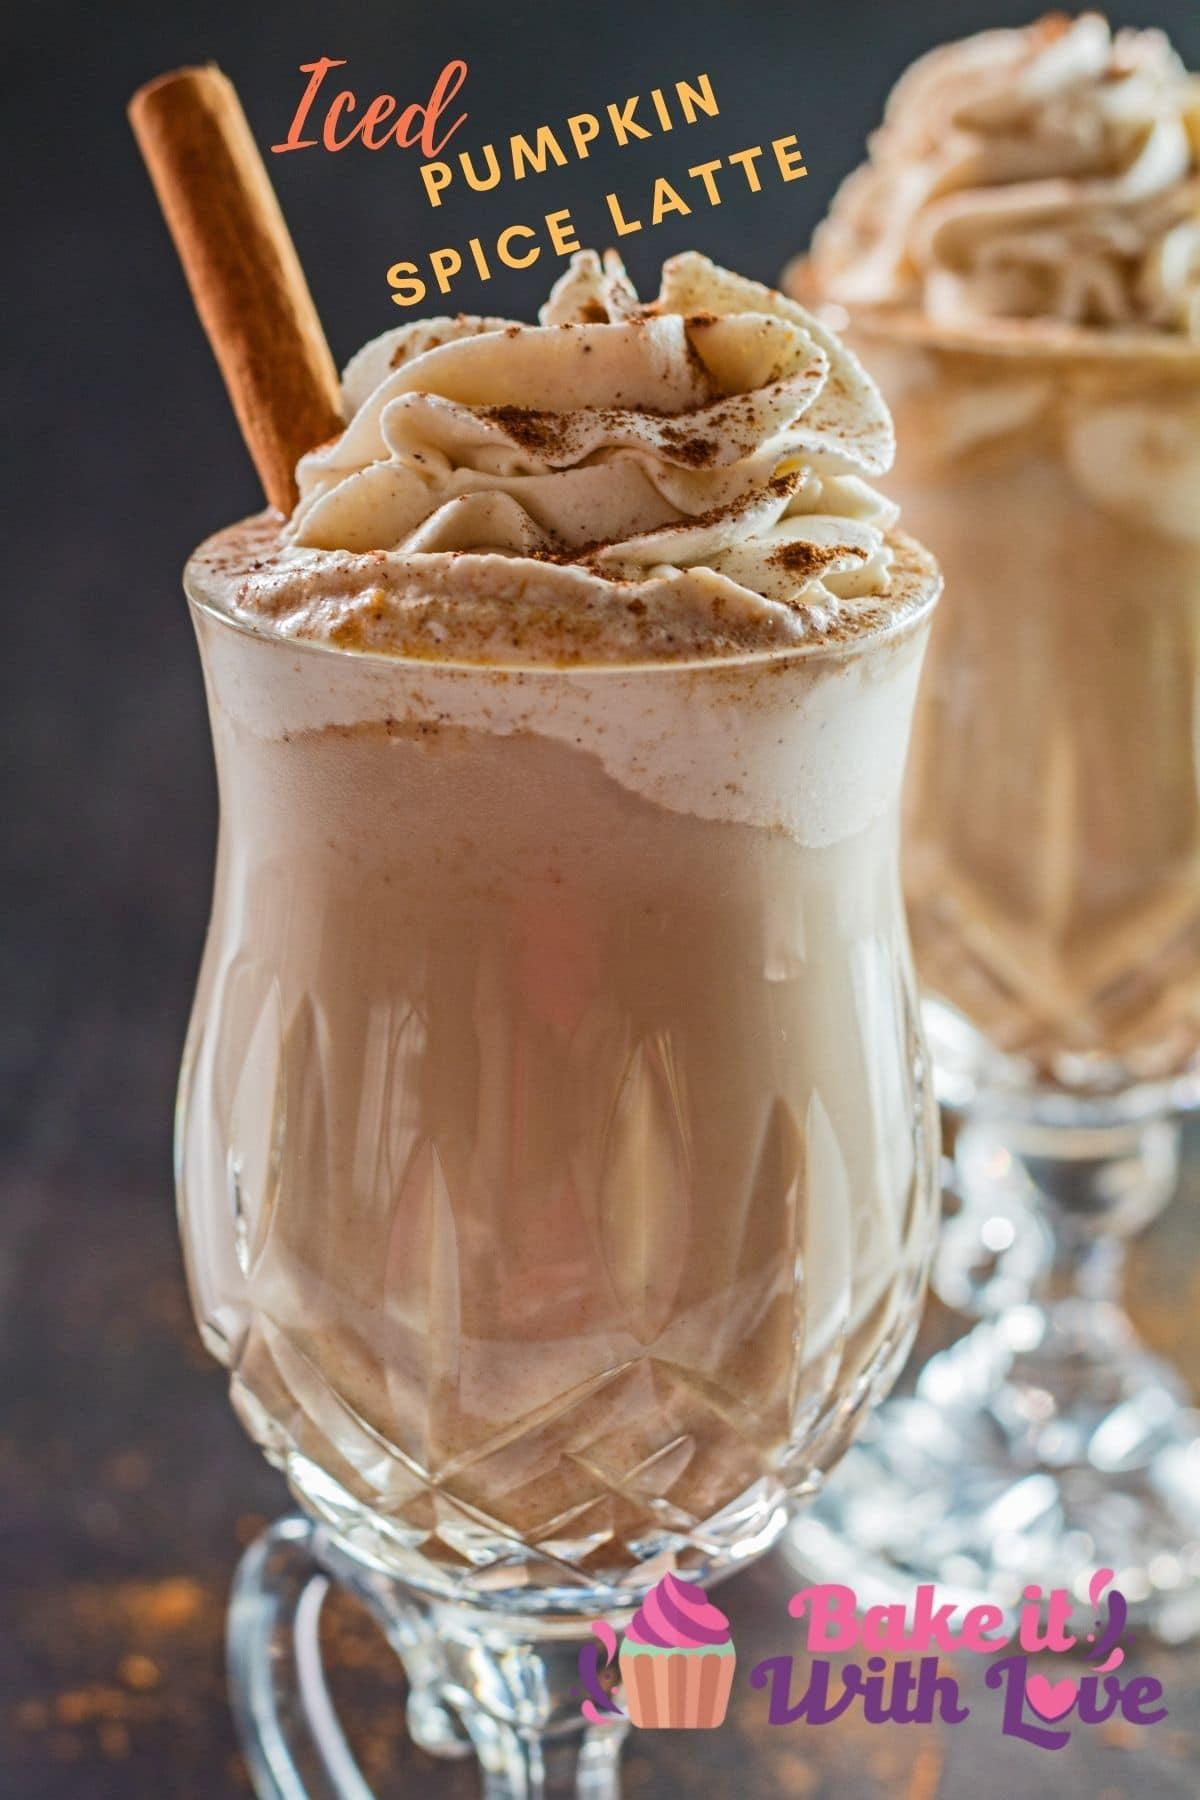 Imagen de detalle de café con leche helado de especias de calabaza con crema batida.